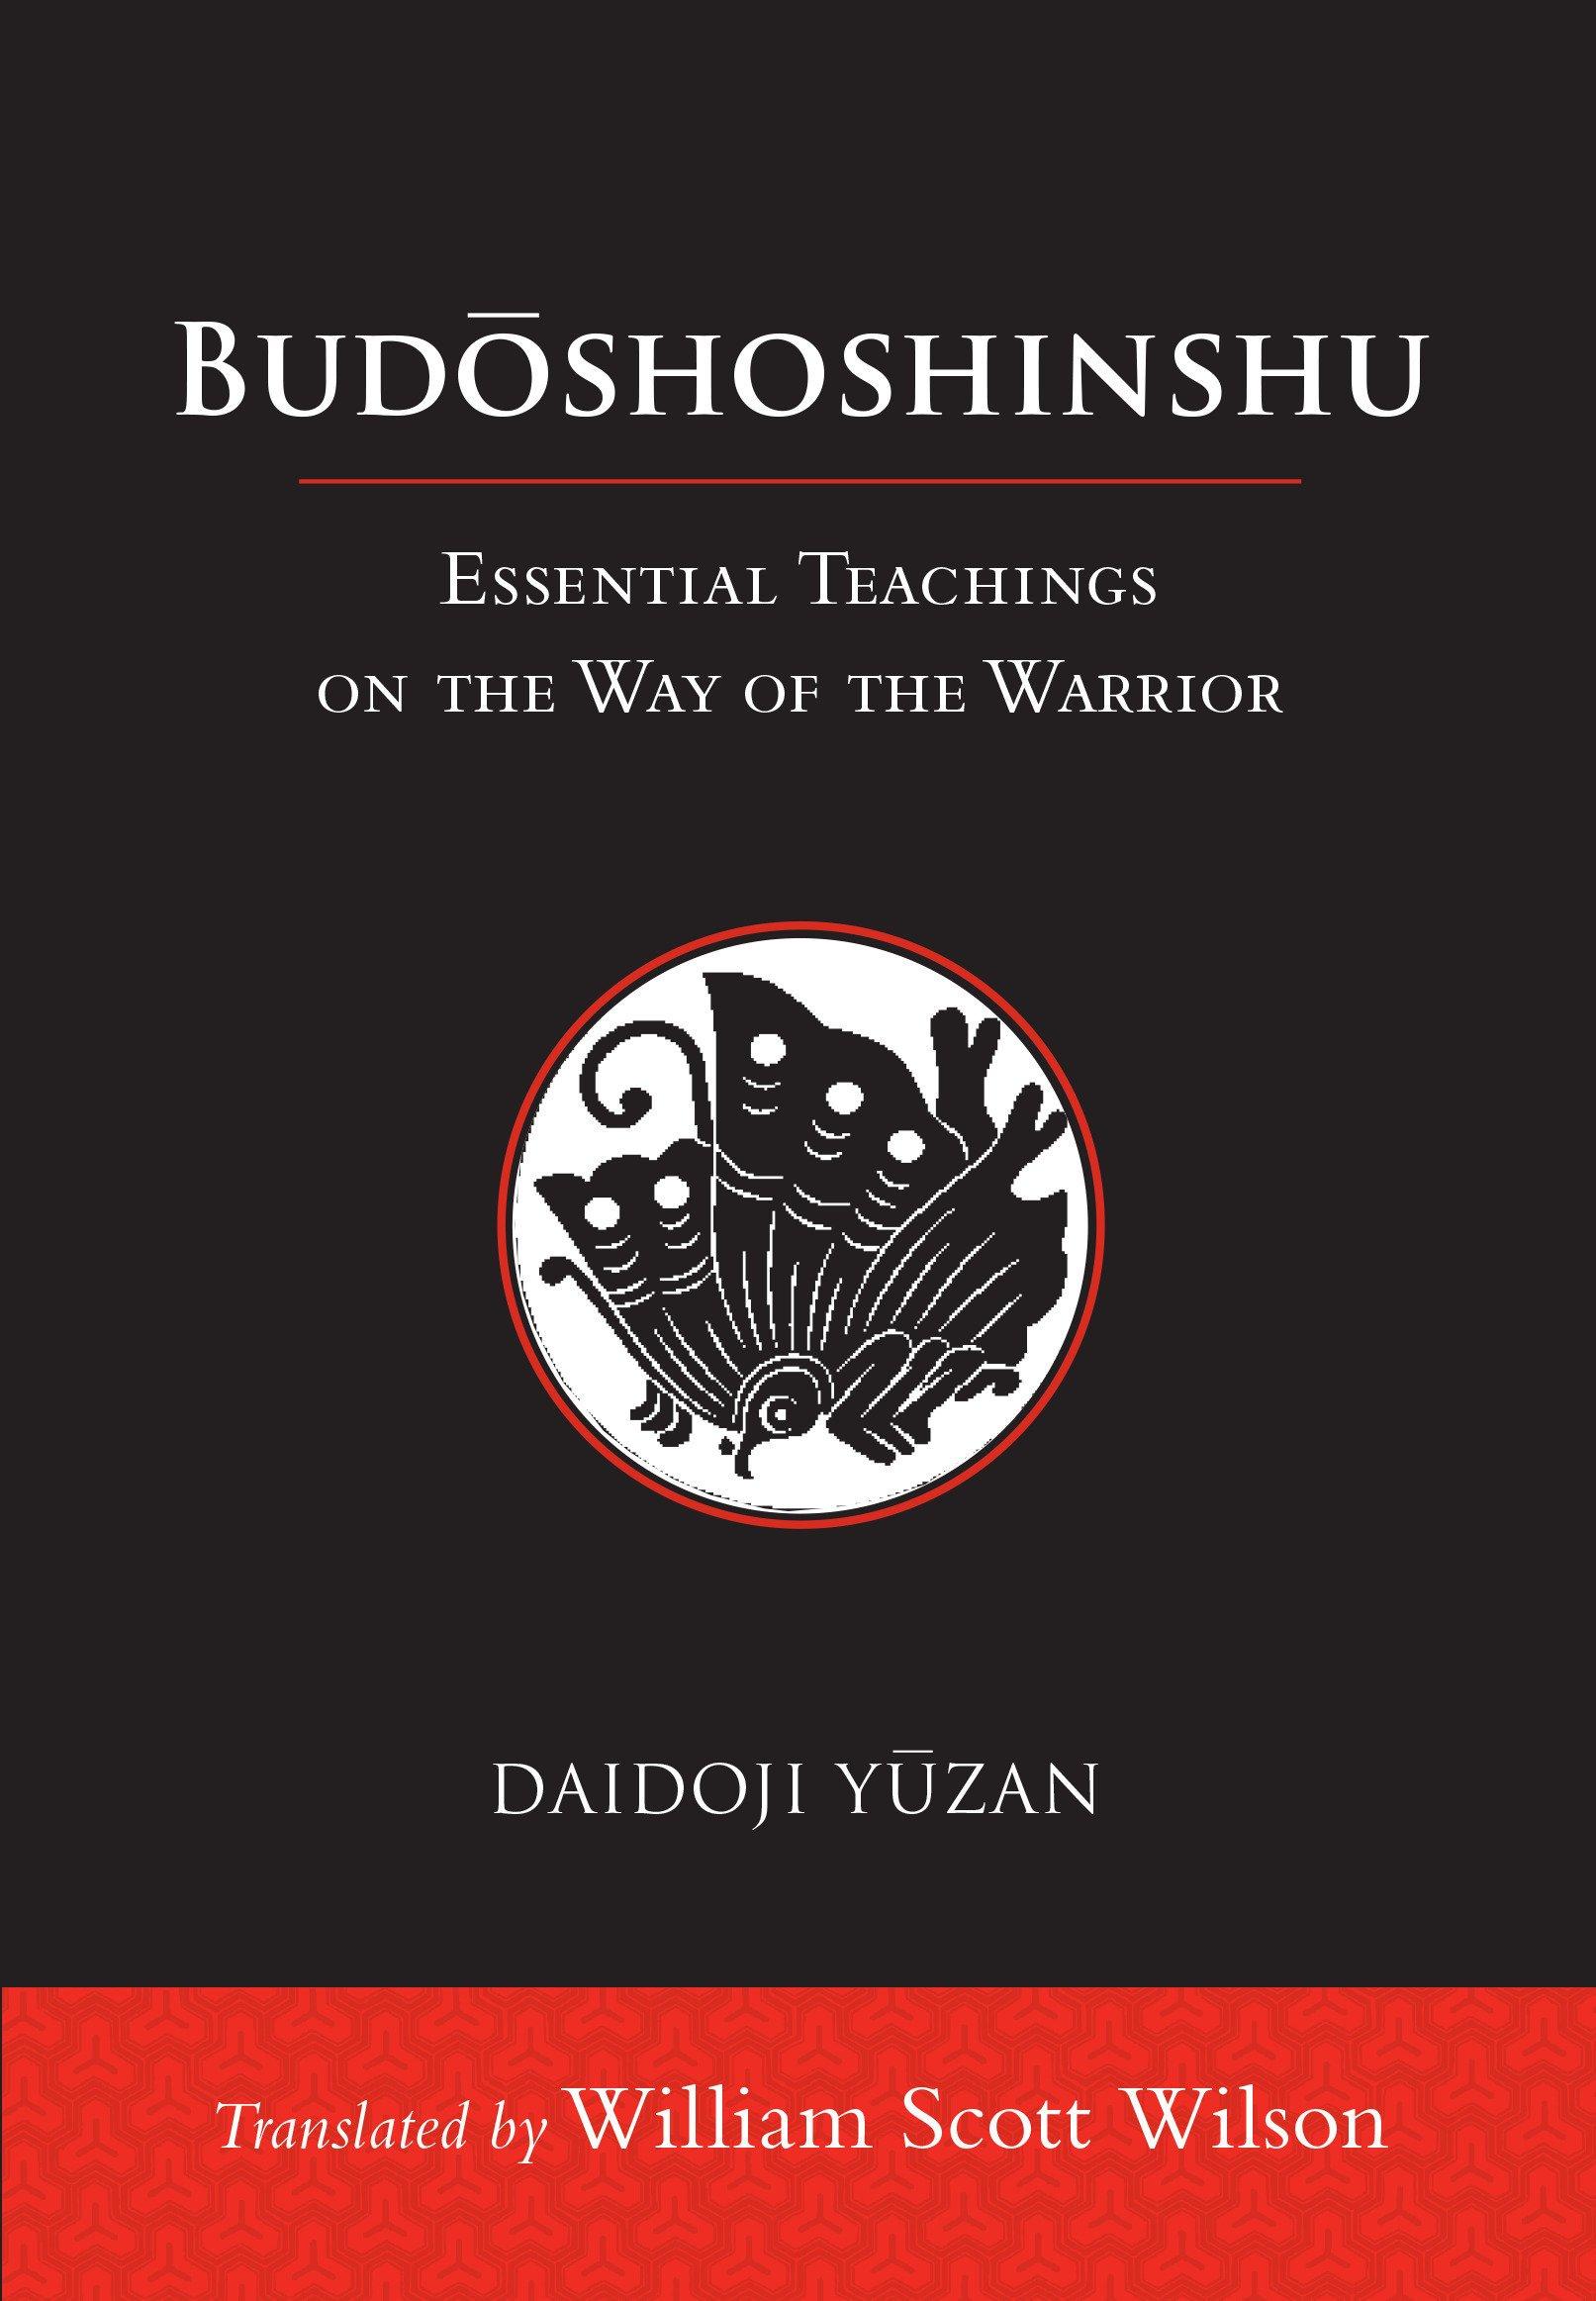 Budoshoshinshu: Essential Teachings on the Way of the Warrior: Daidoji  Yuzan, William Scott Wilson: 9781611805680: Books - Amazon.ca